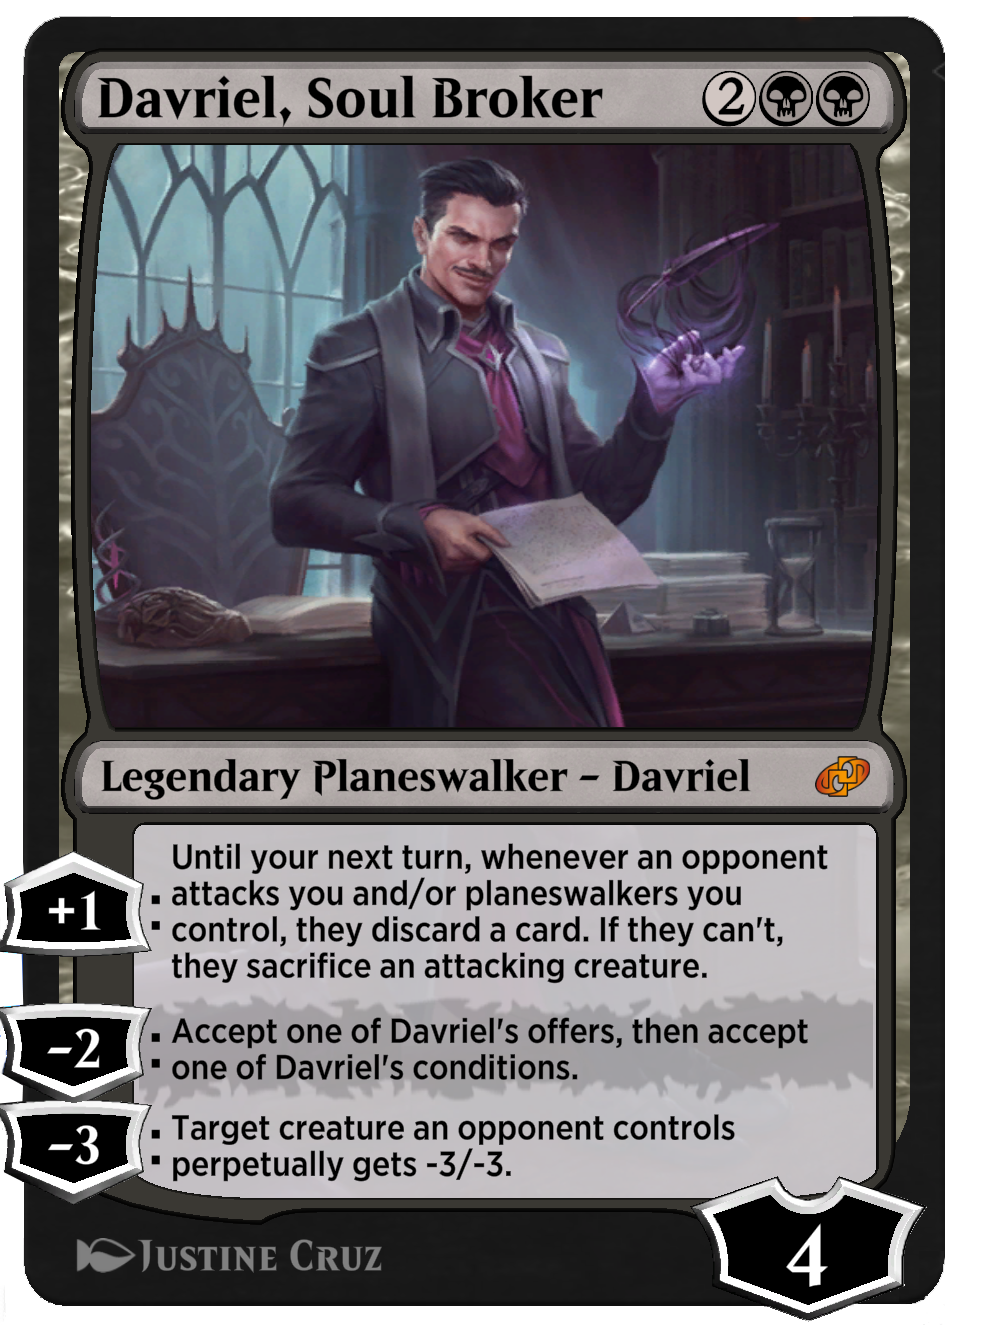 Davriel, Soul Broker new